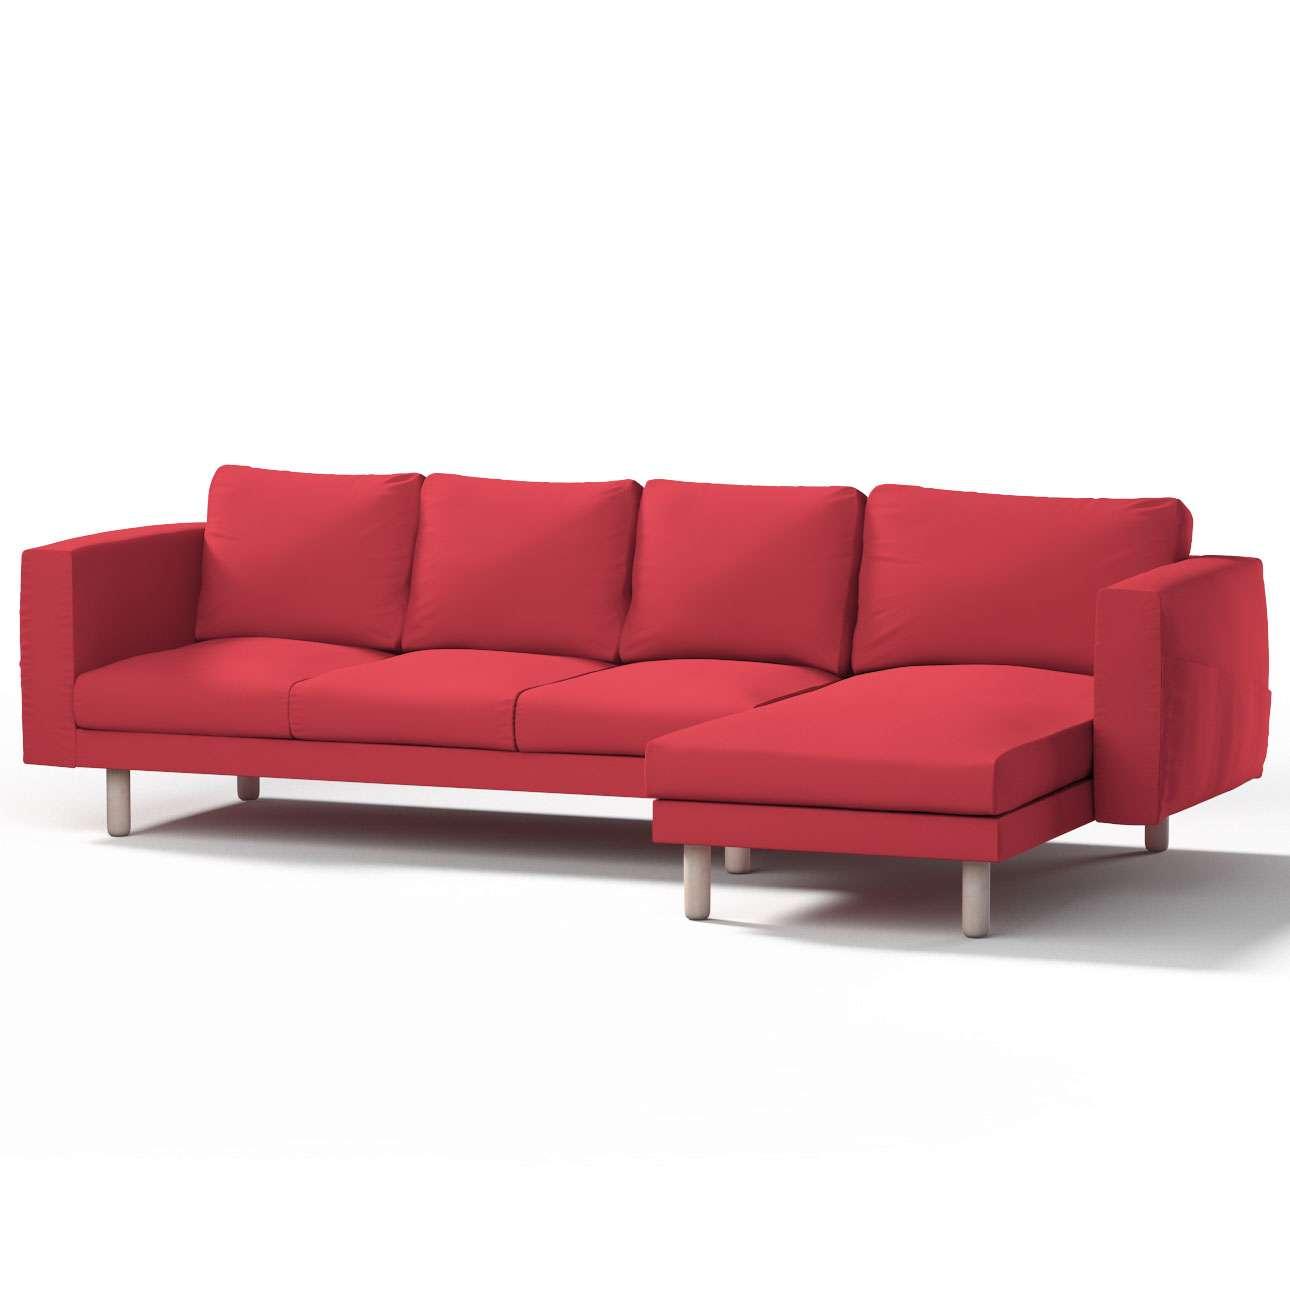 Pokrowiec na sofę Norsborg 4-osobową z szezlongiem w kolekcji Etna, tkanina: 705-60